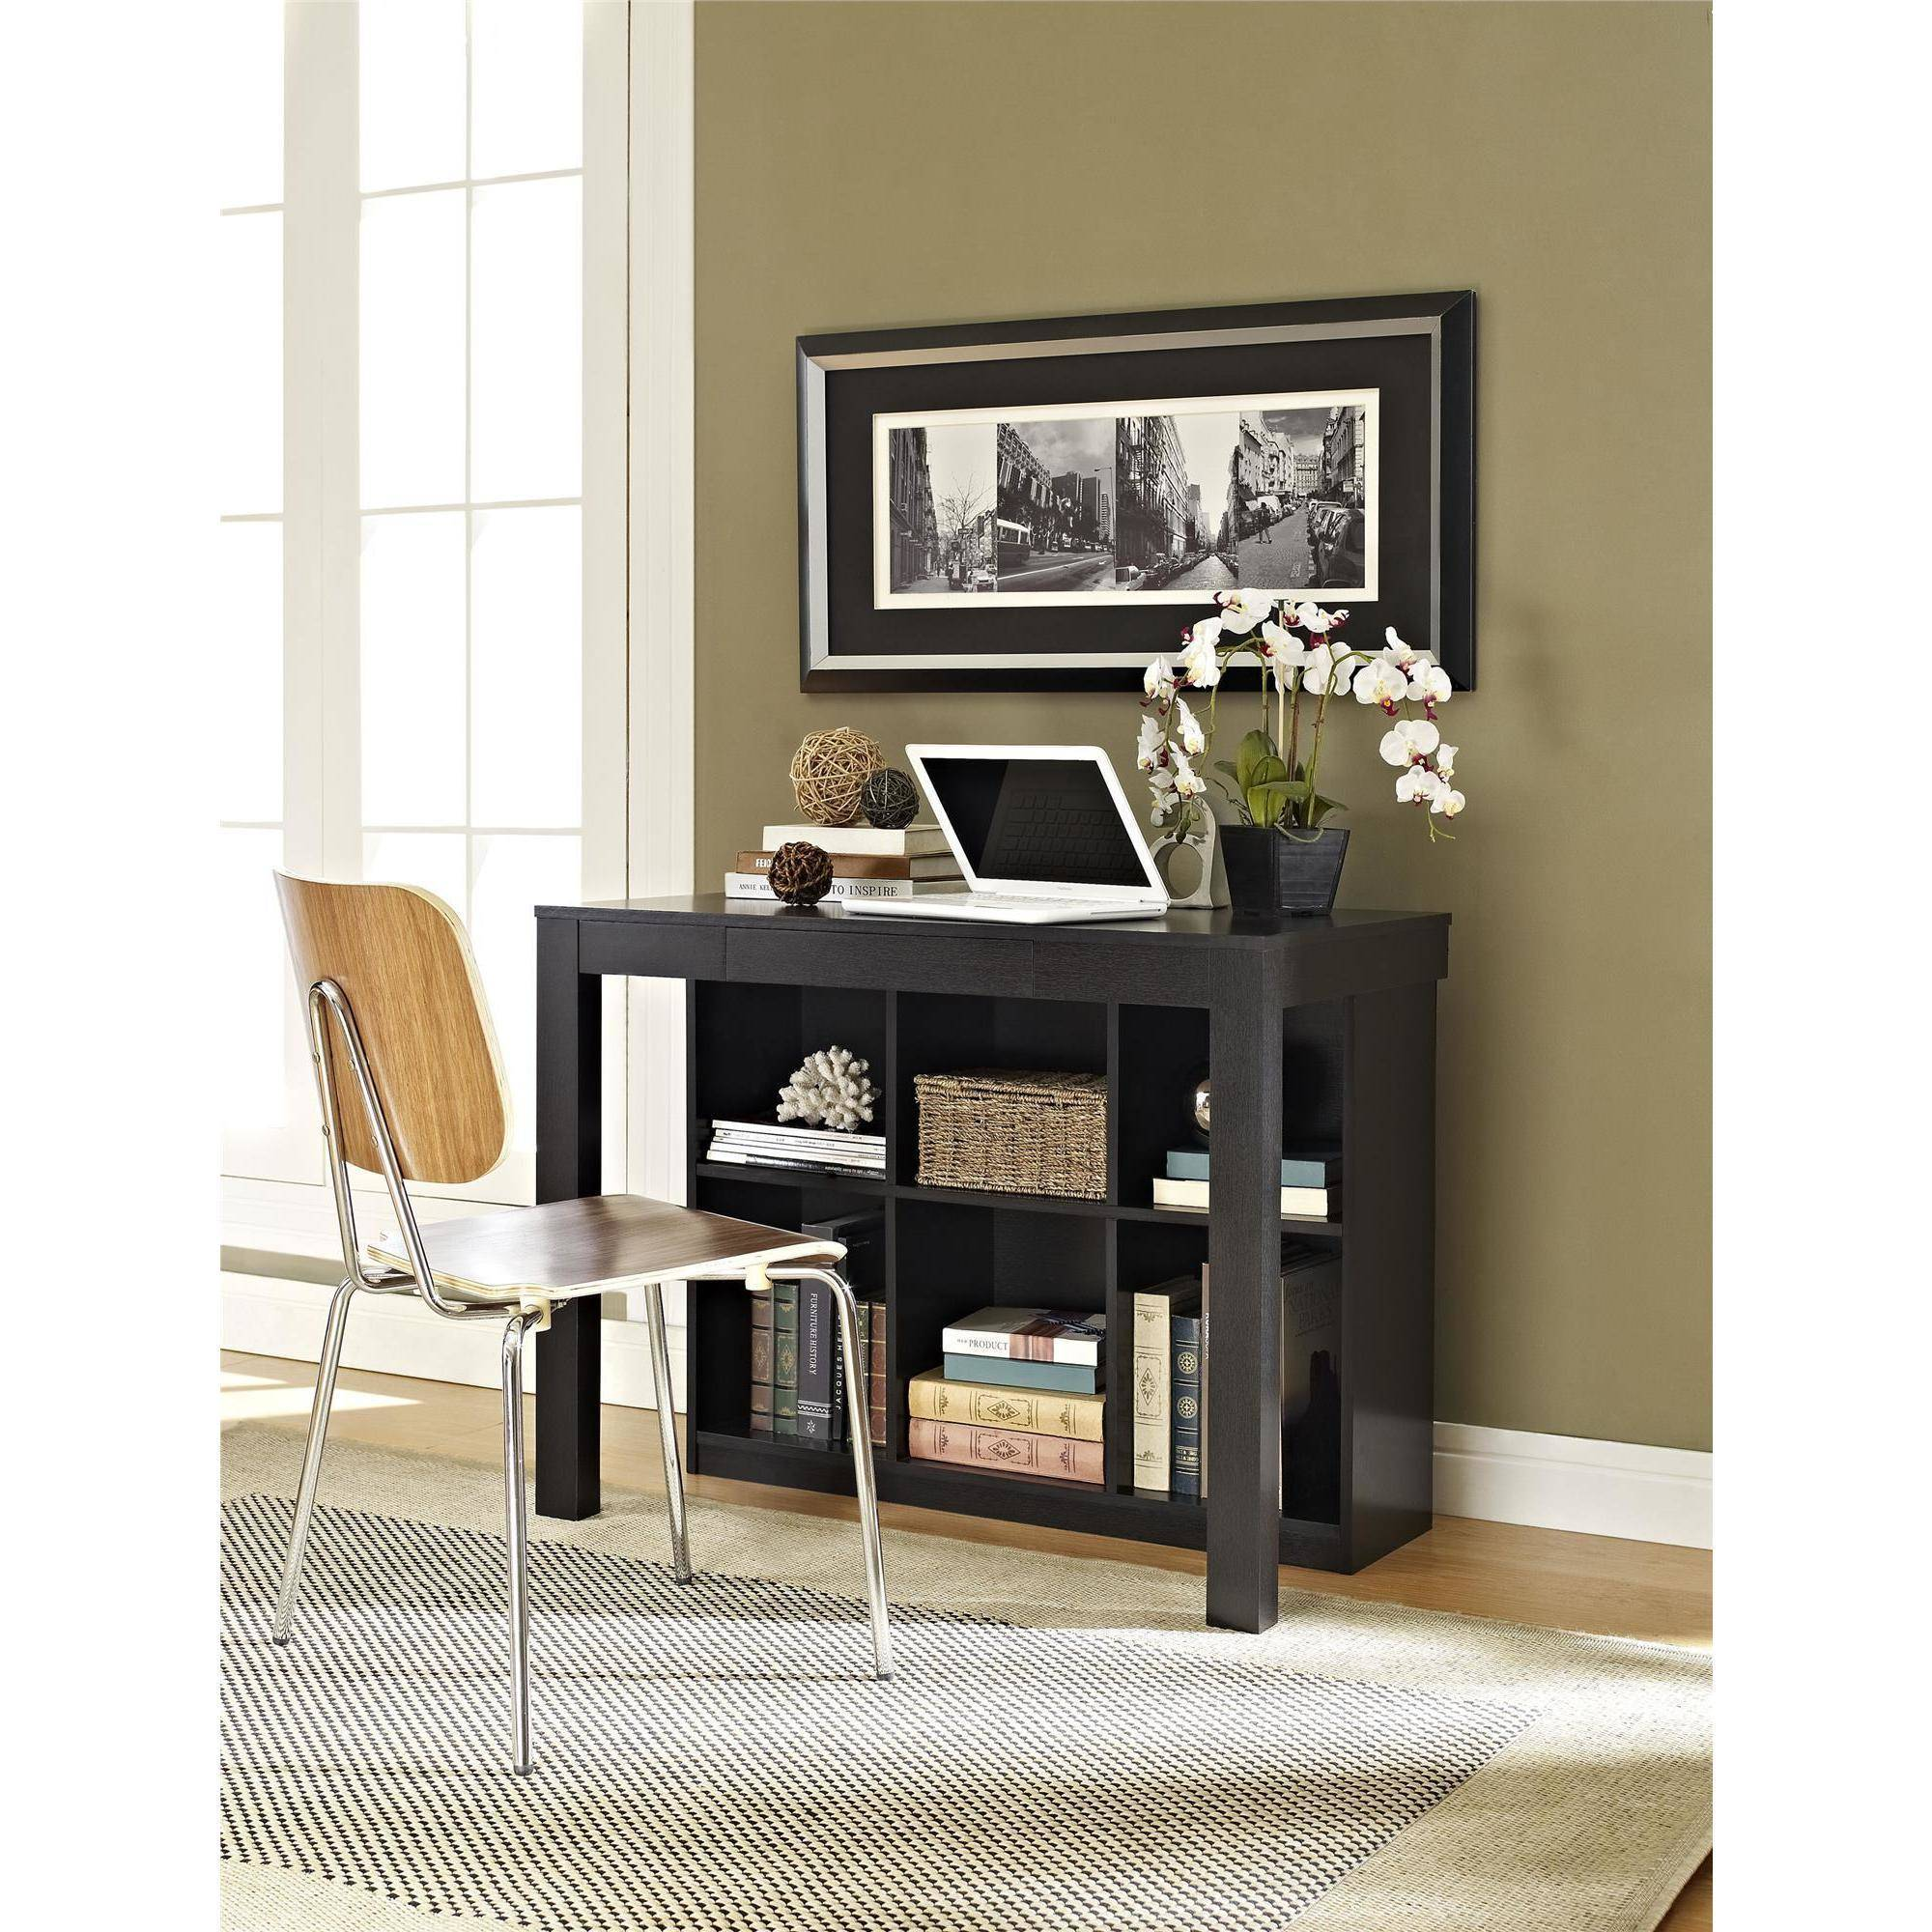 Ameriwood Home Parsons Desk with Cubbies Black Walmart